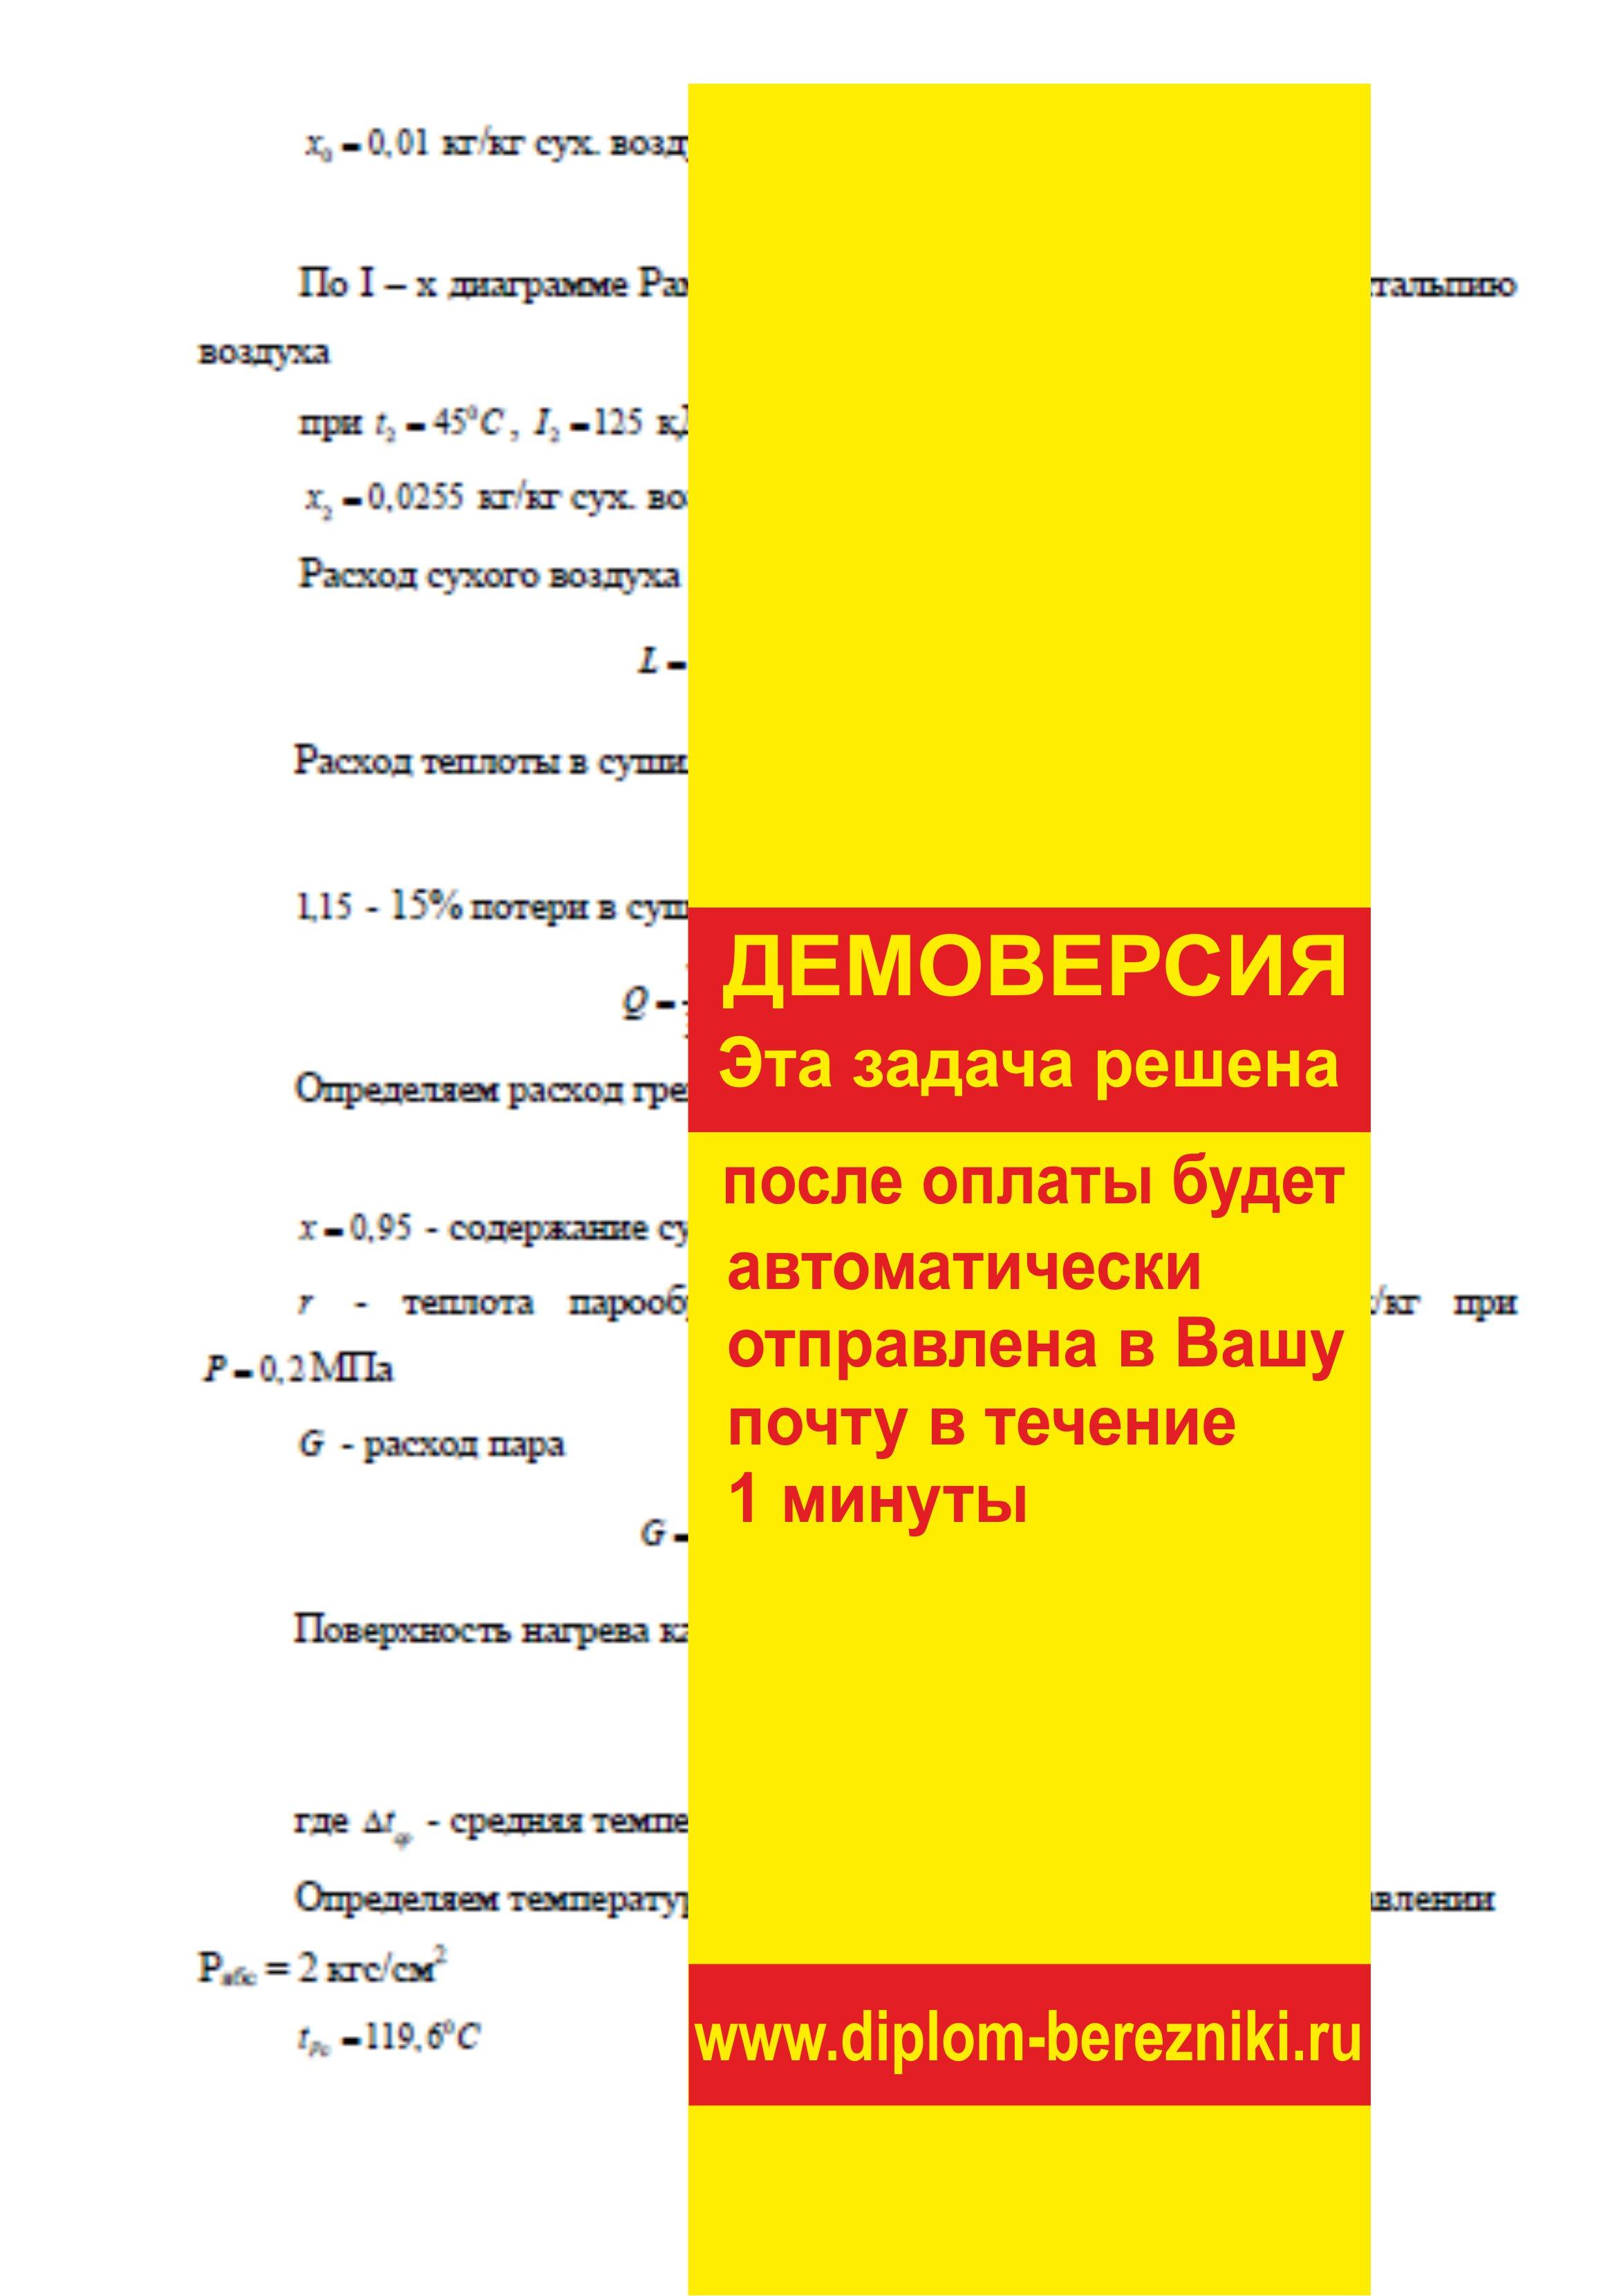 Решение задачи 10.23 по ПАХТ из задачника Павлова Романкова Носкова